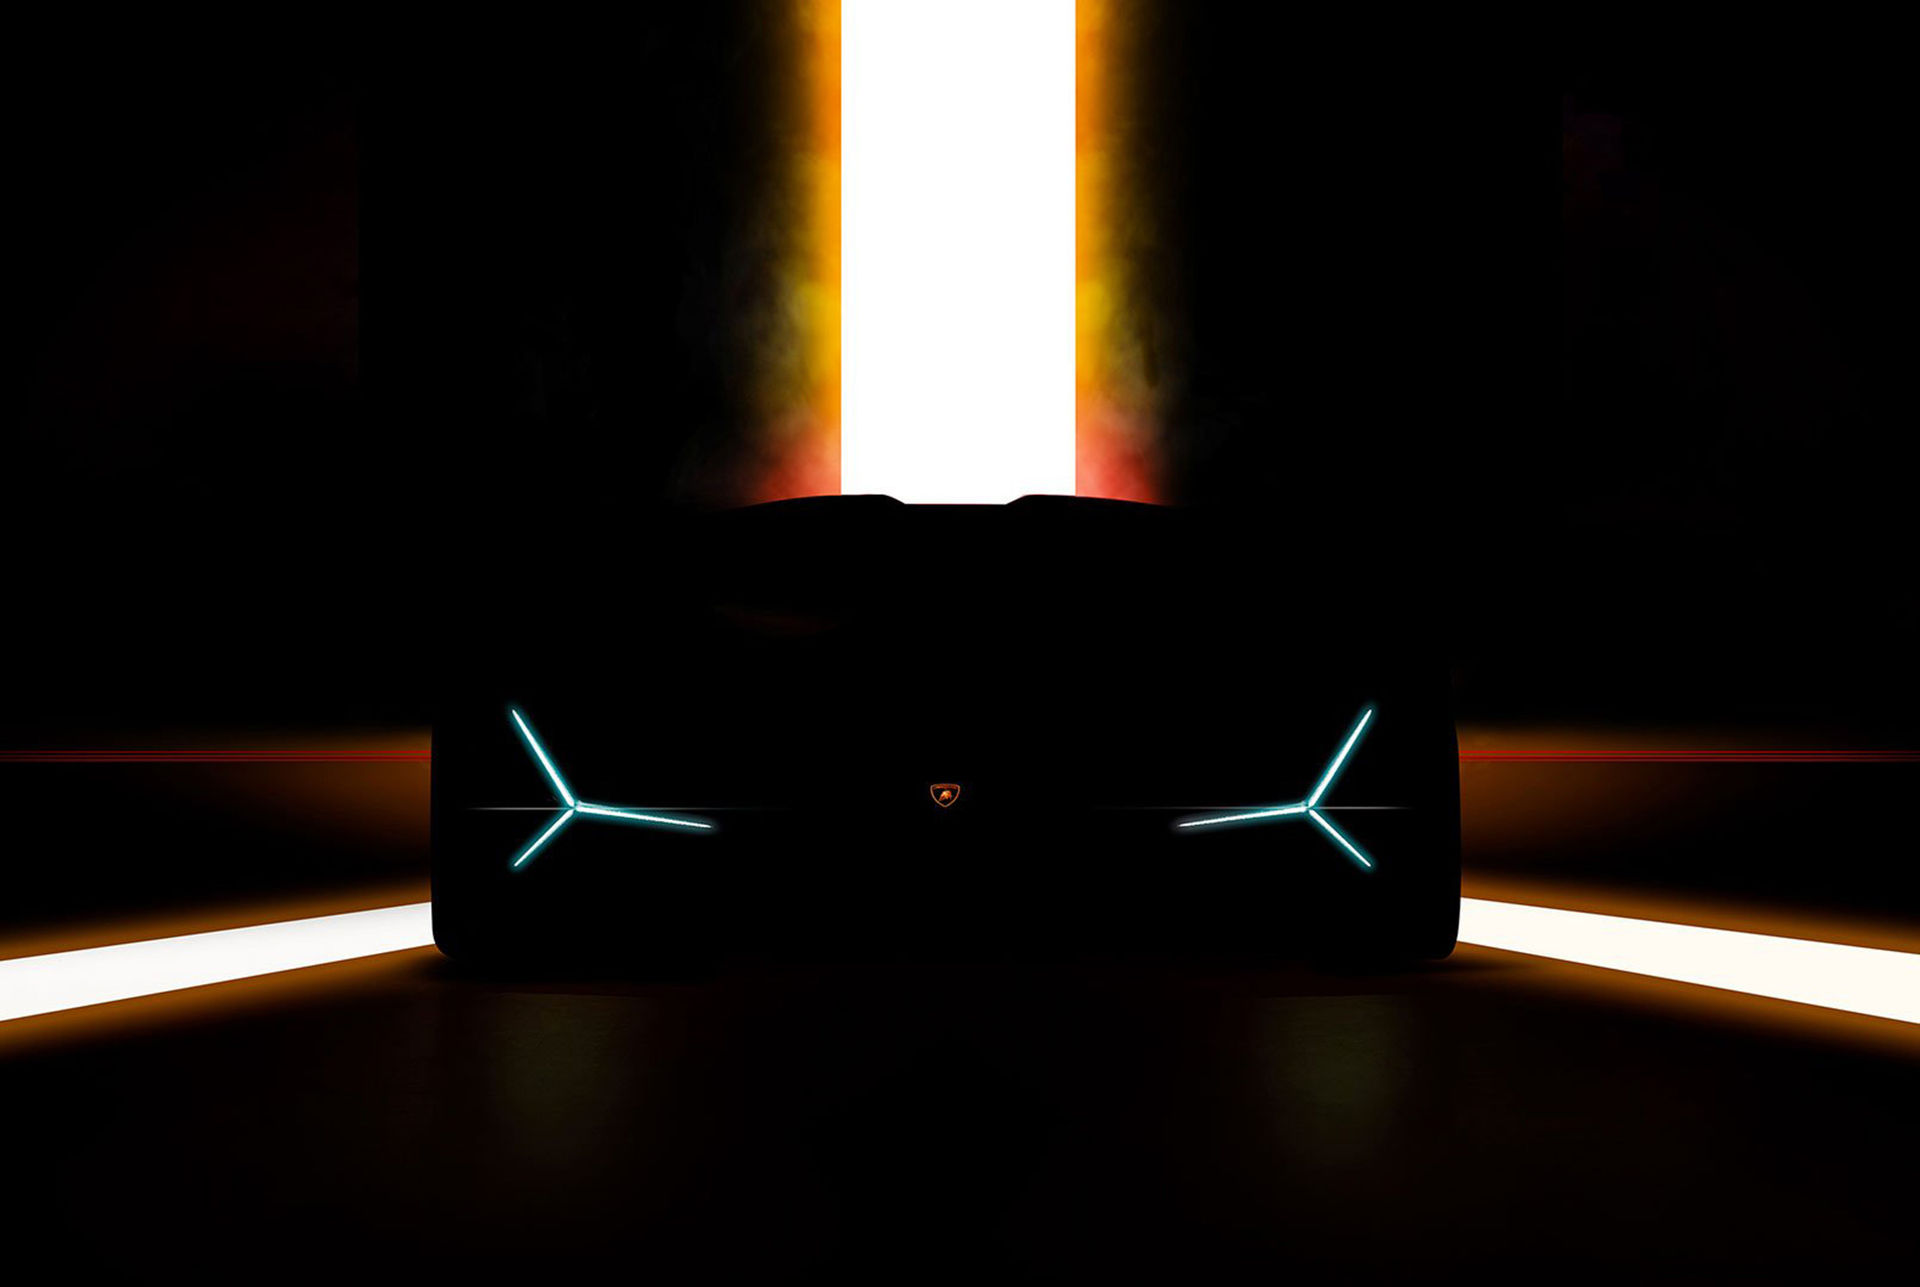 Lamborghini teasar ny modell